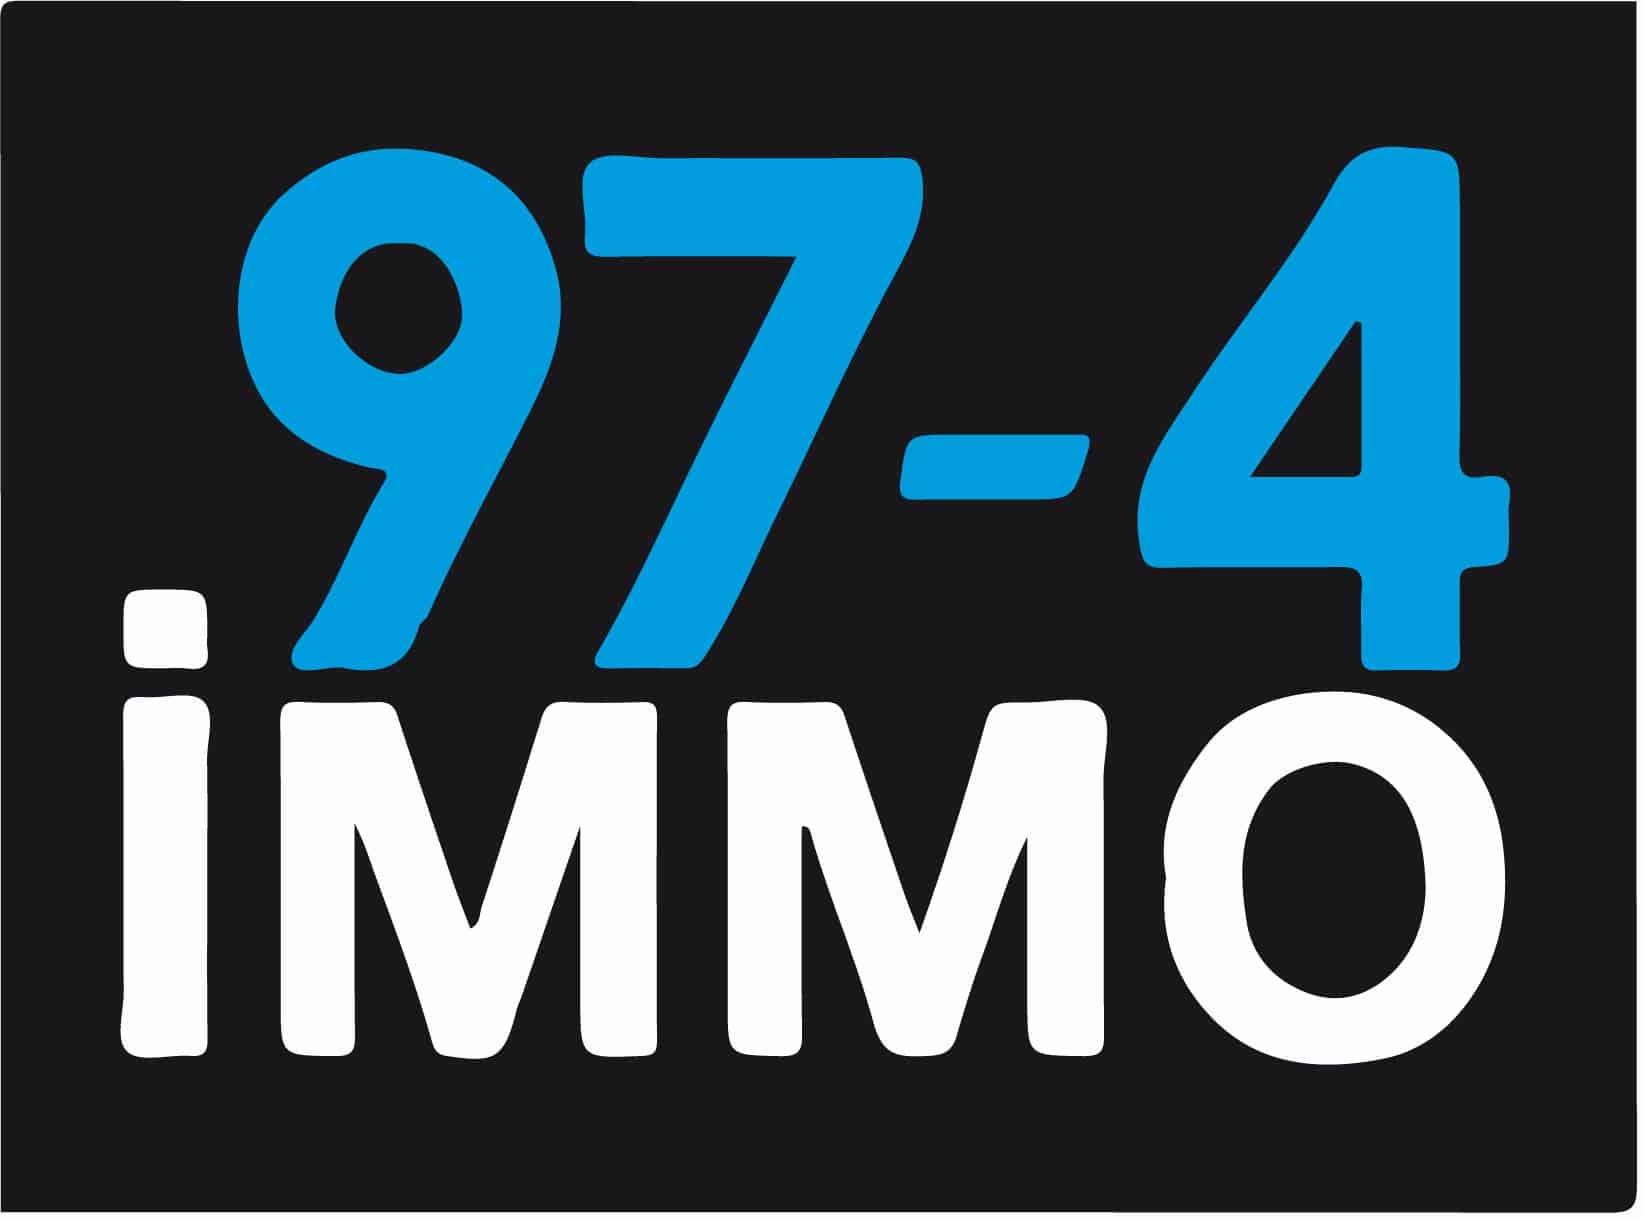 97-4 immo